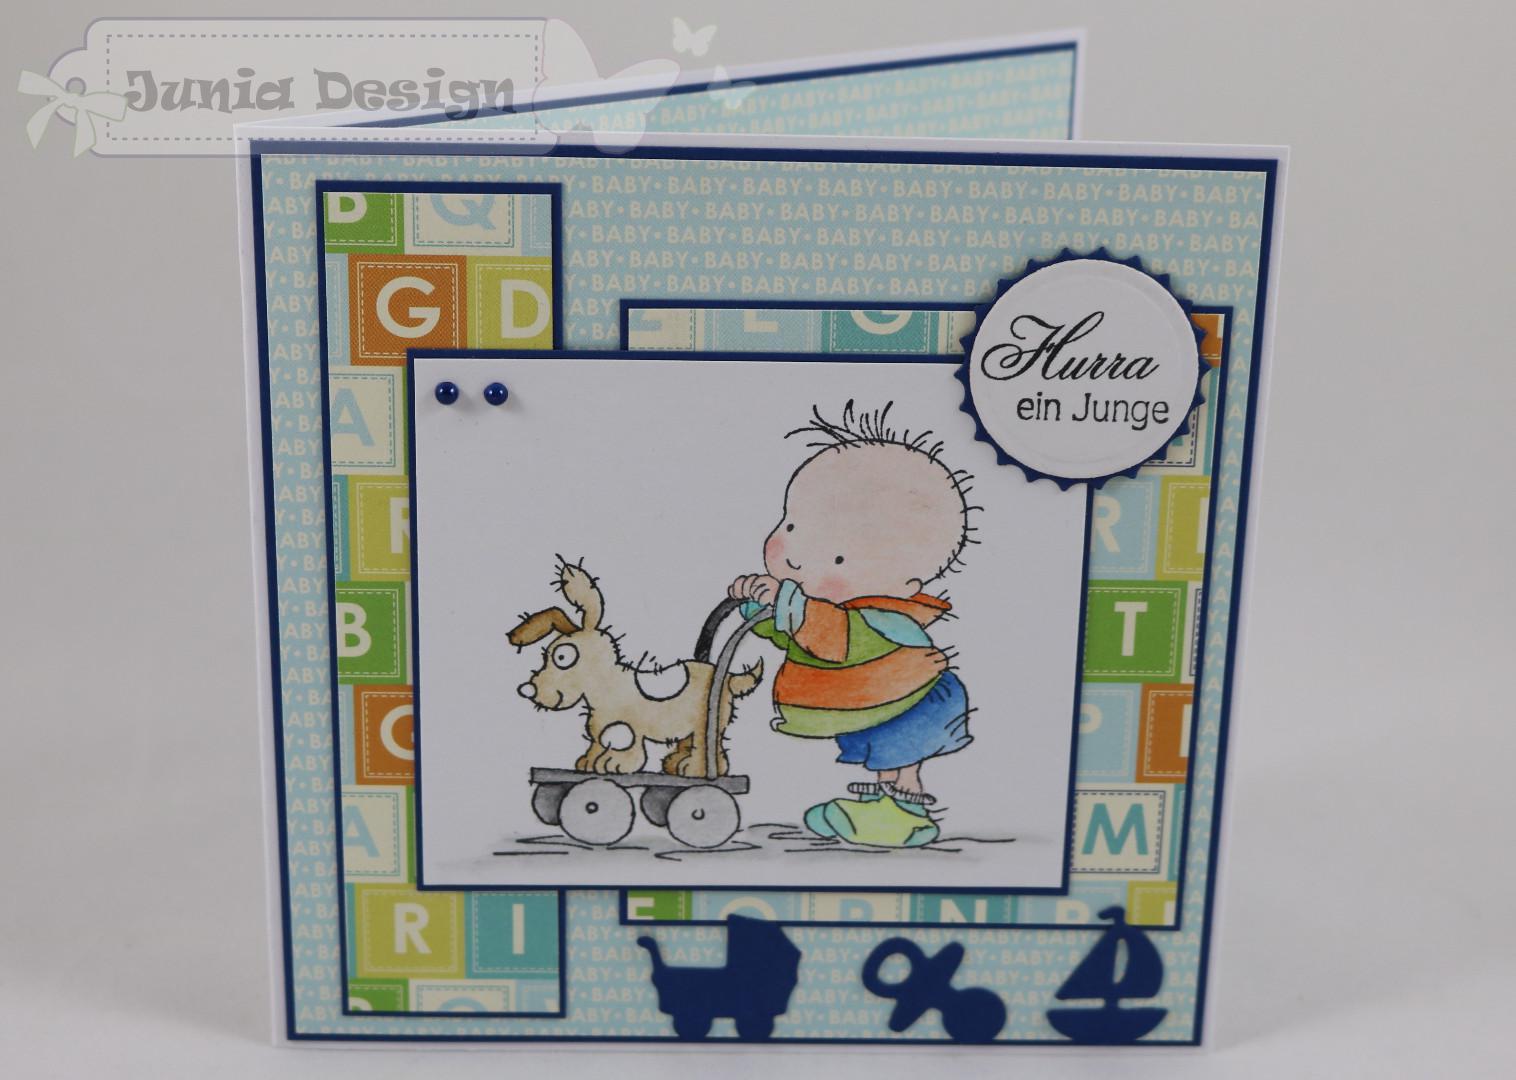 Briefumschlag Beschriften Zur Geburt : Junia design karten geburt taufe karte zur